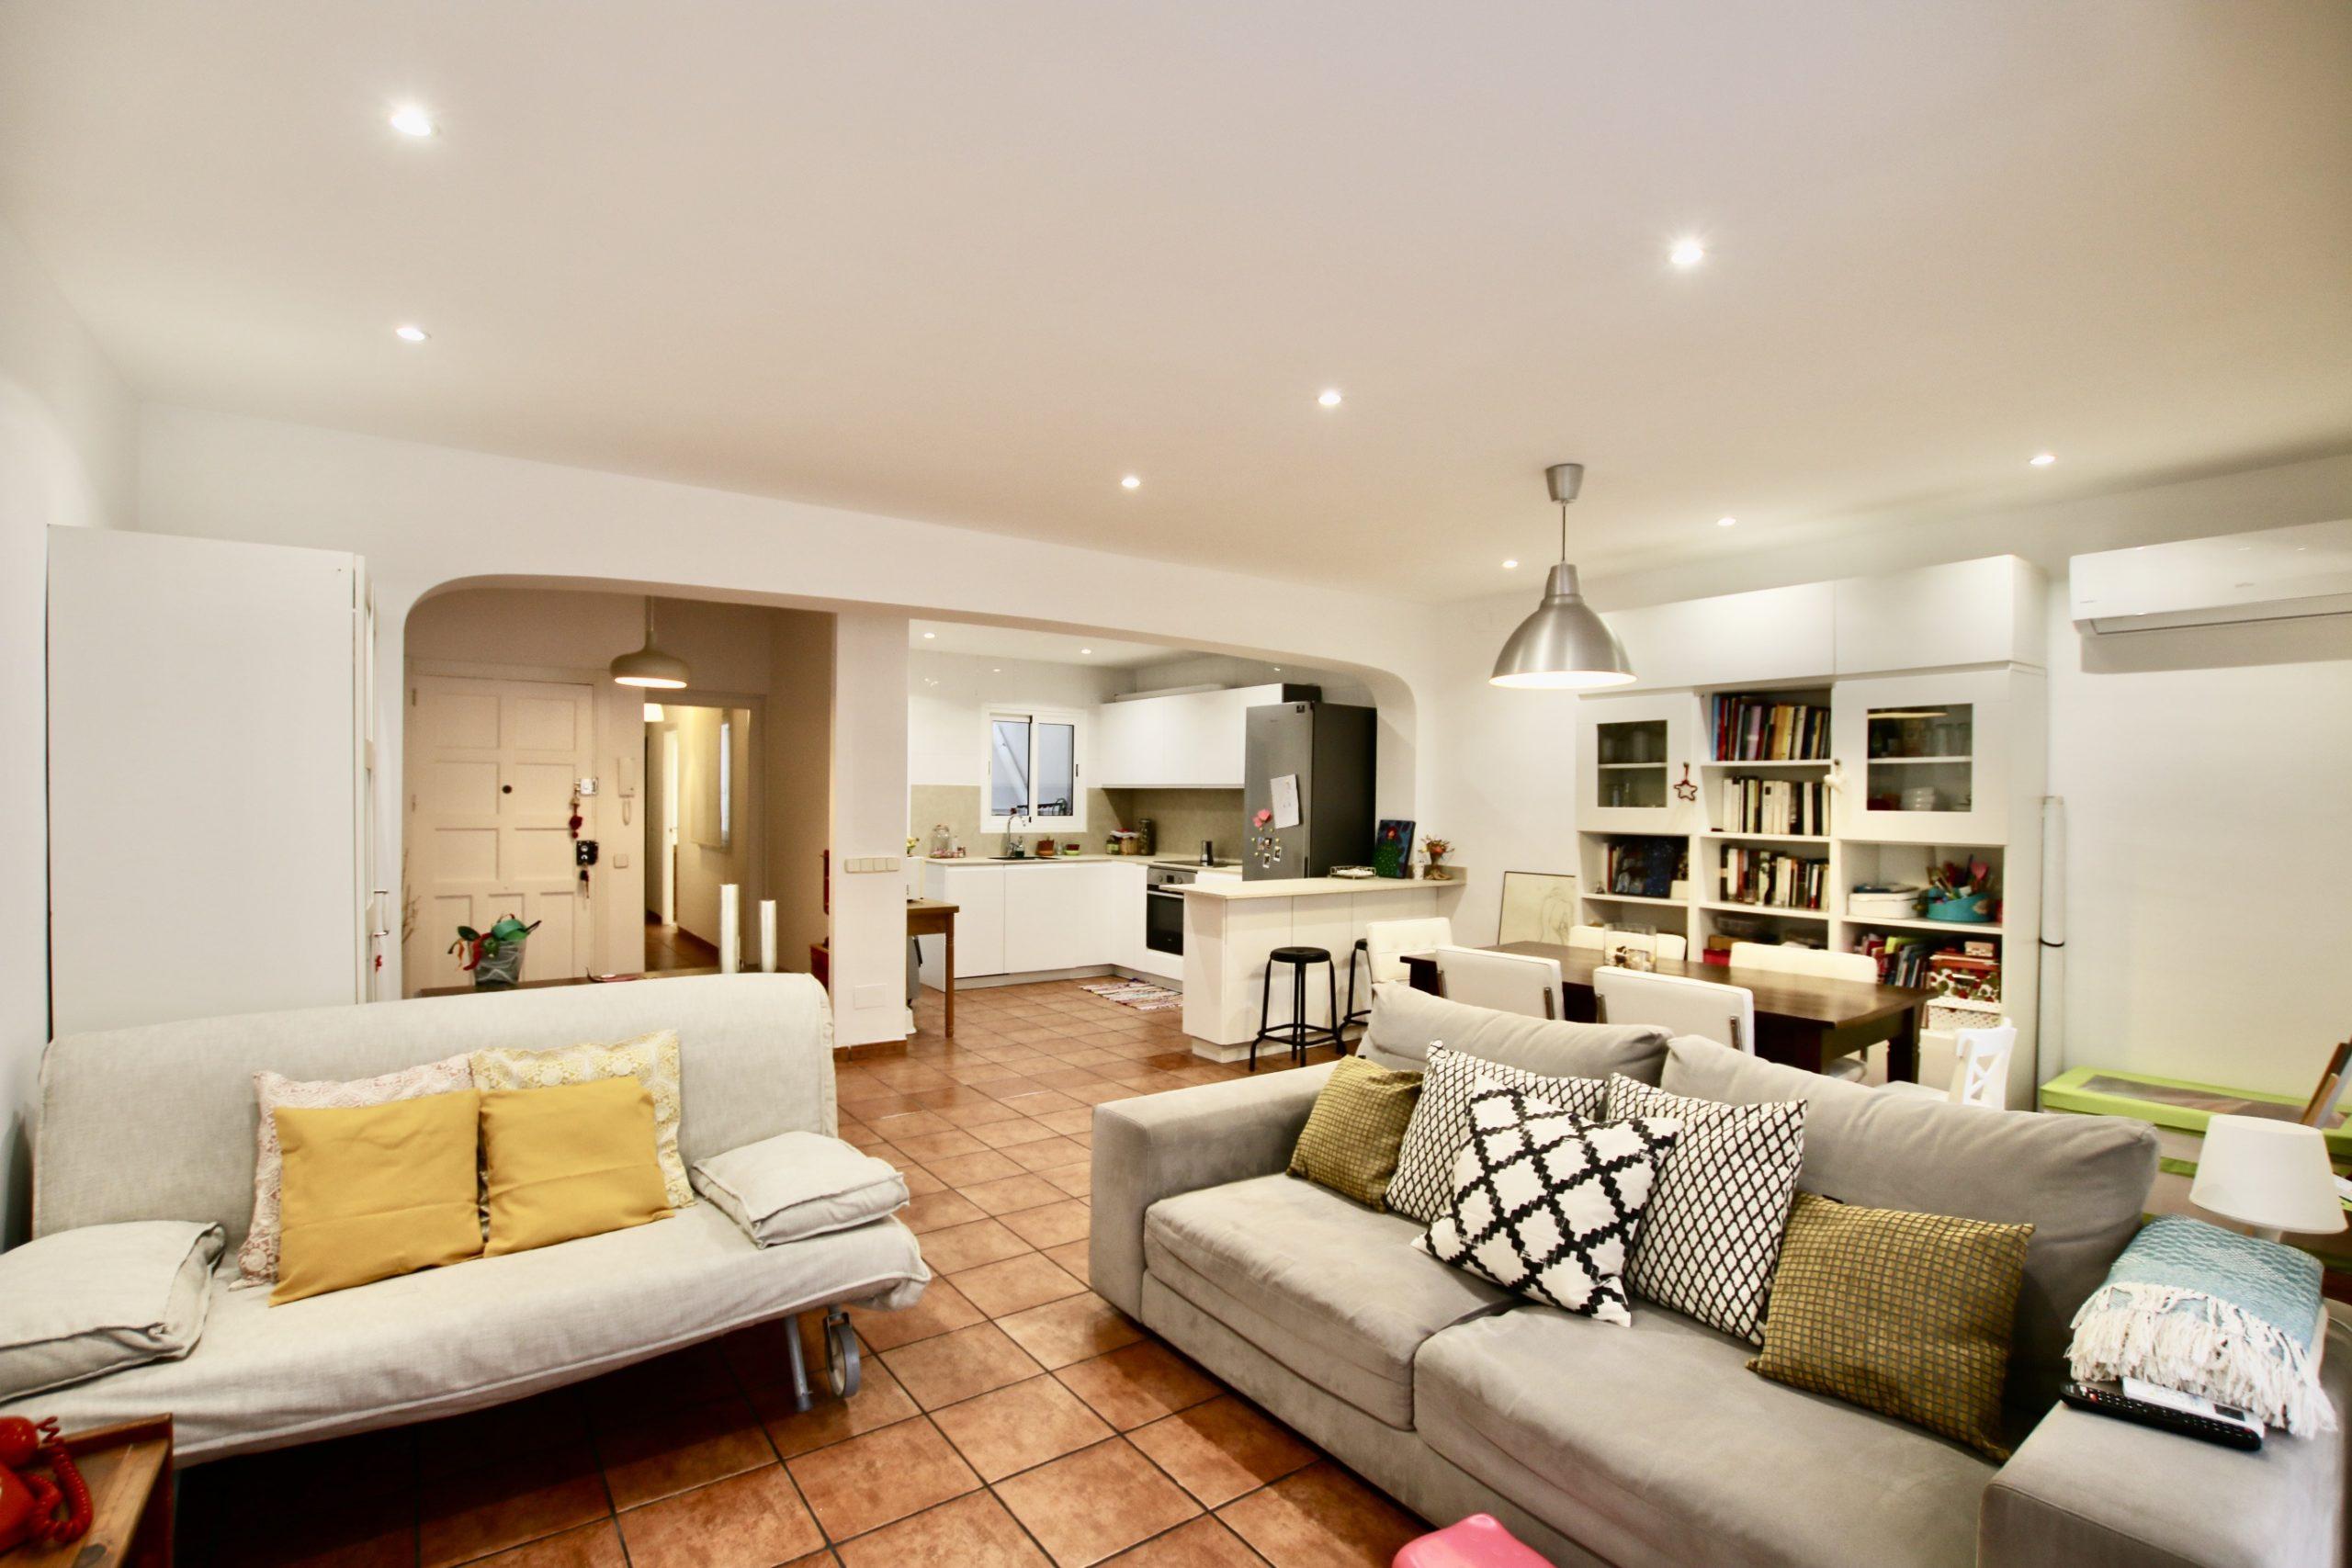 Charming 2 bedrooms apartment in Camp d'en Serralta area @ Mallorca